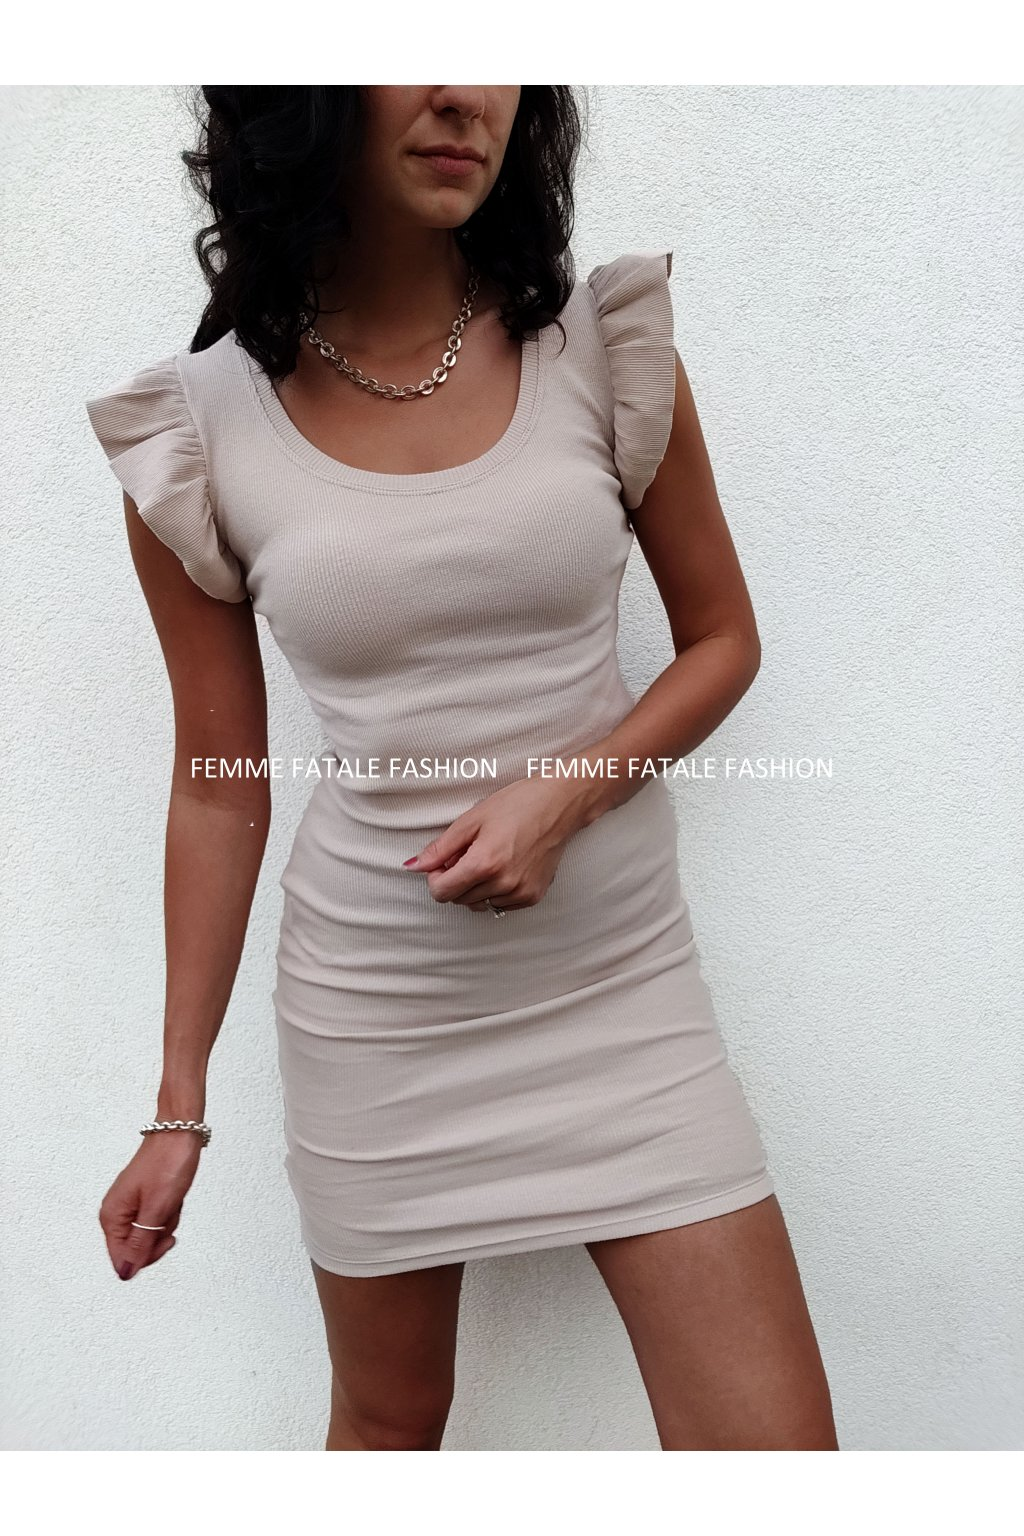 Dámské žebrované šaty EMILY s volánky